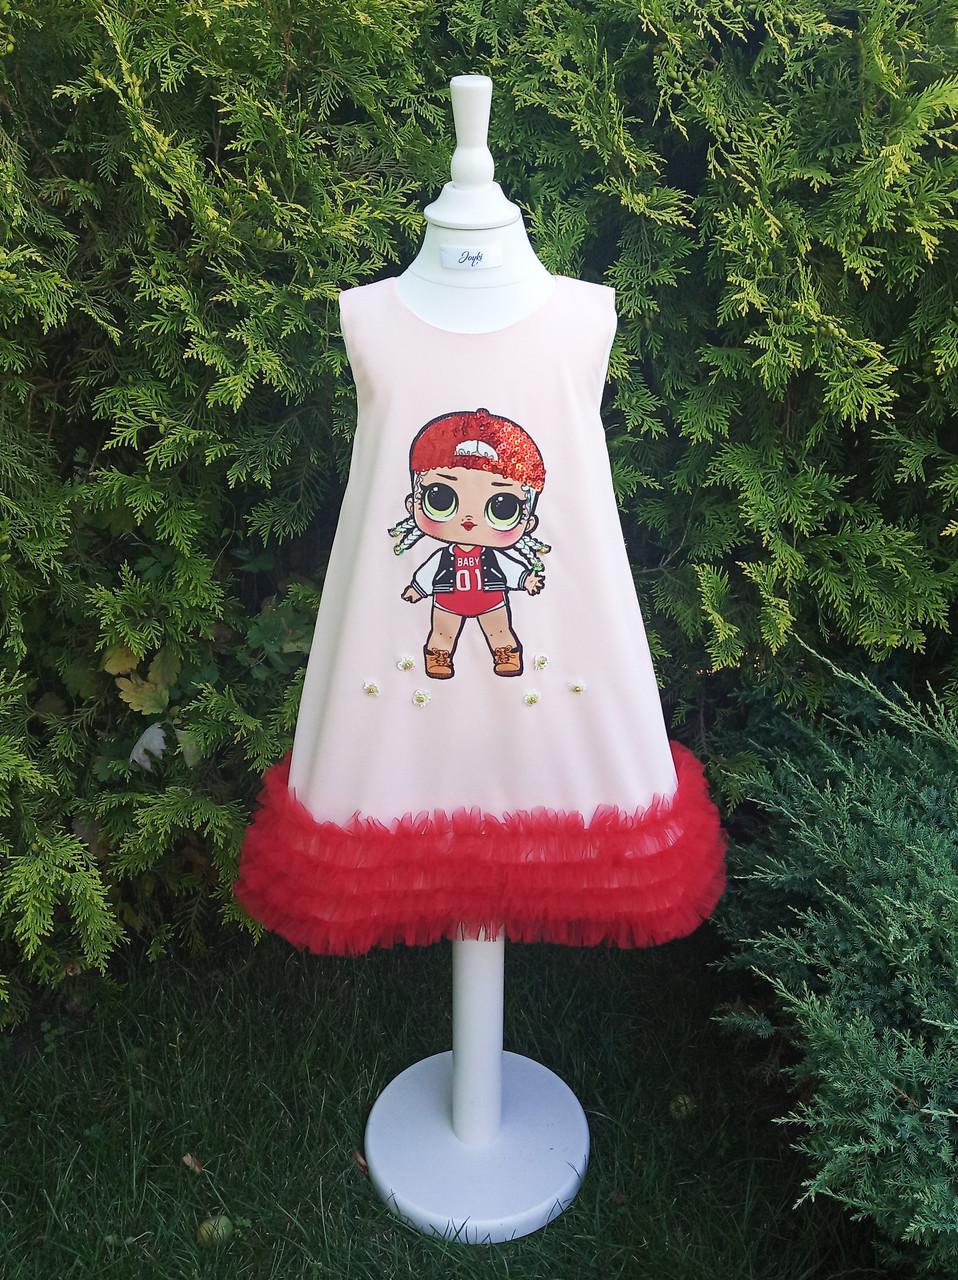 Р 110/116, детское нарядное платье розового цвета с куклой Lol